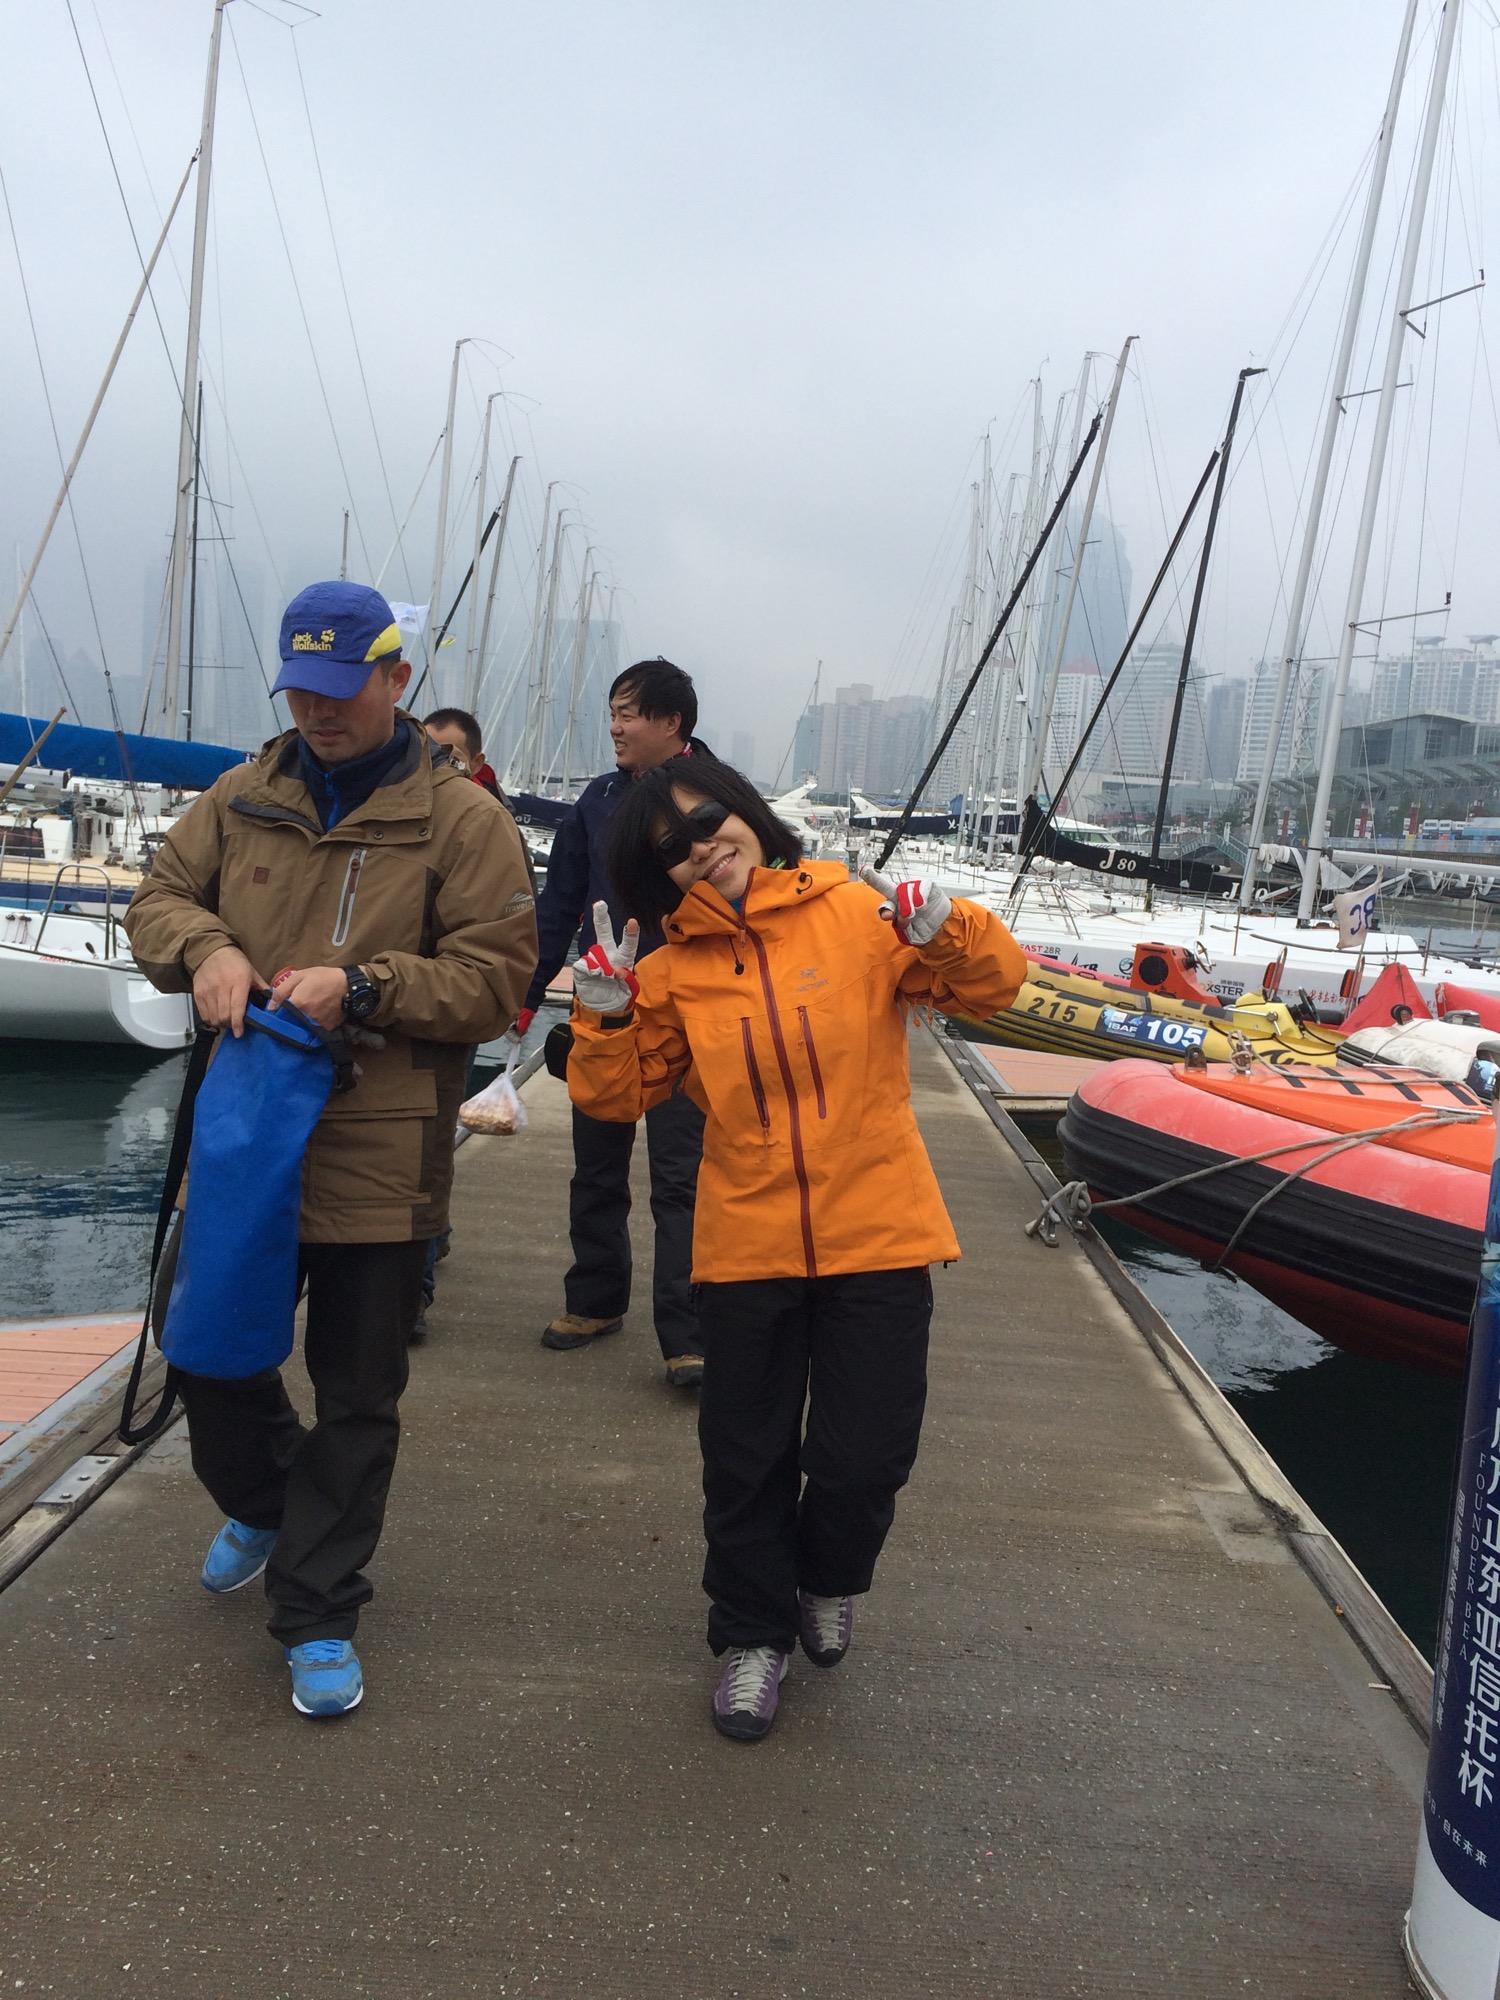 新西兰,北京,青岛,帆船,大海 一个帆船航海老菜鸟深秋细雨中的帆船赛 IMG_8960.jpg